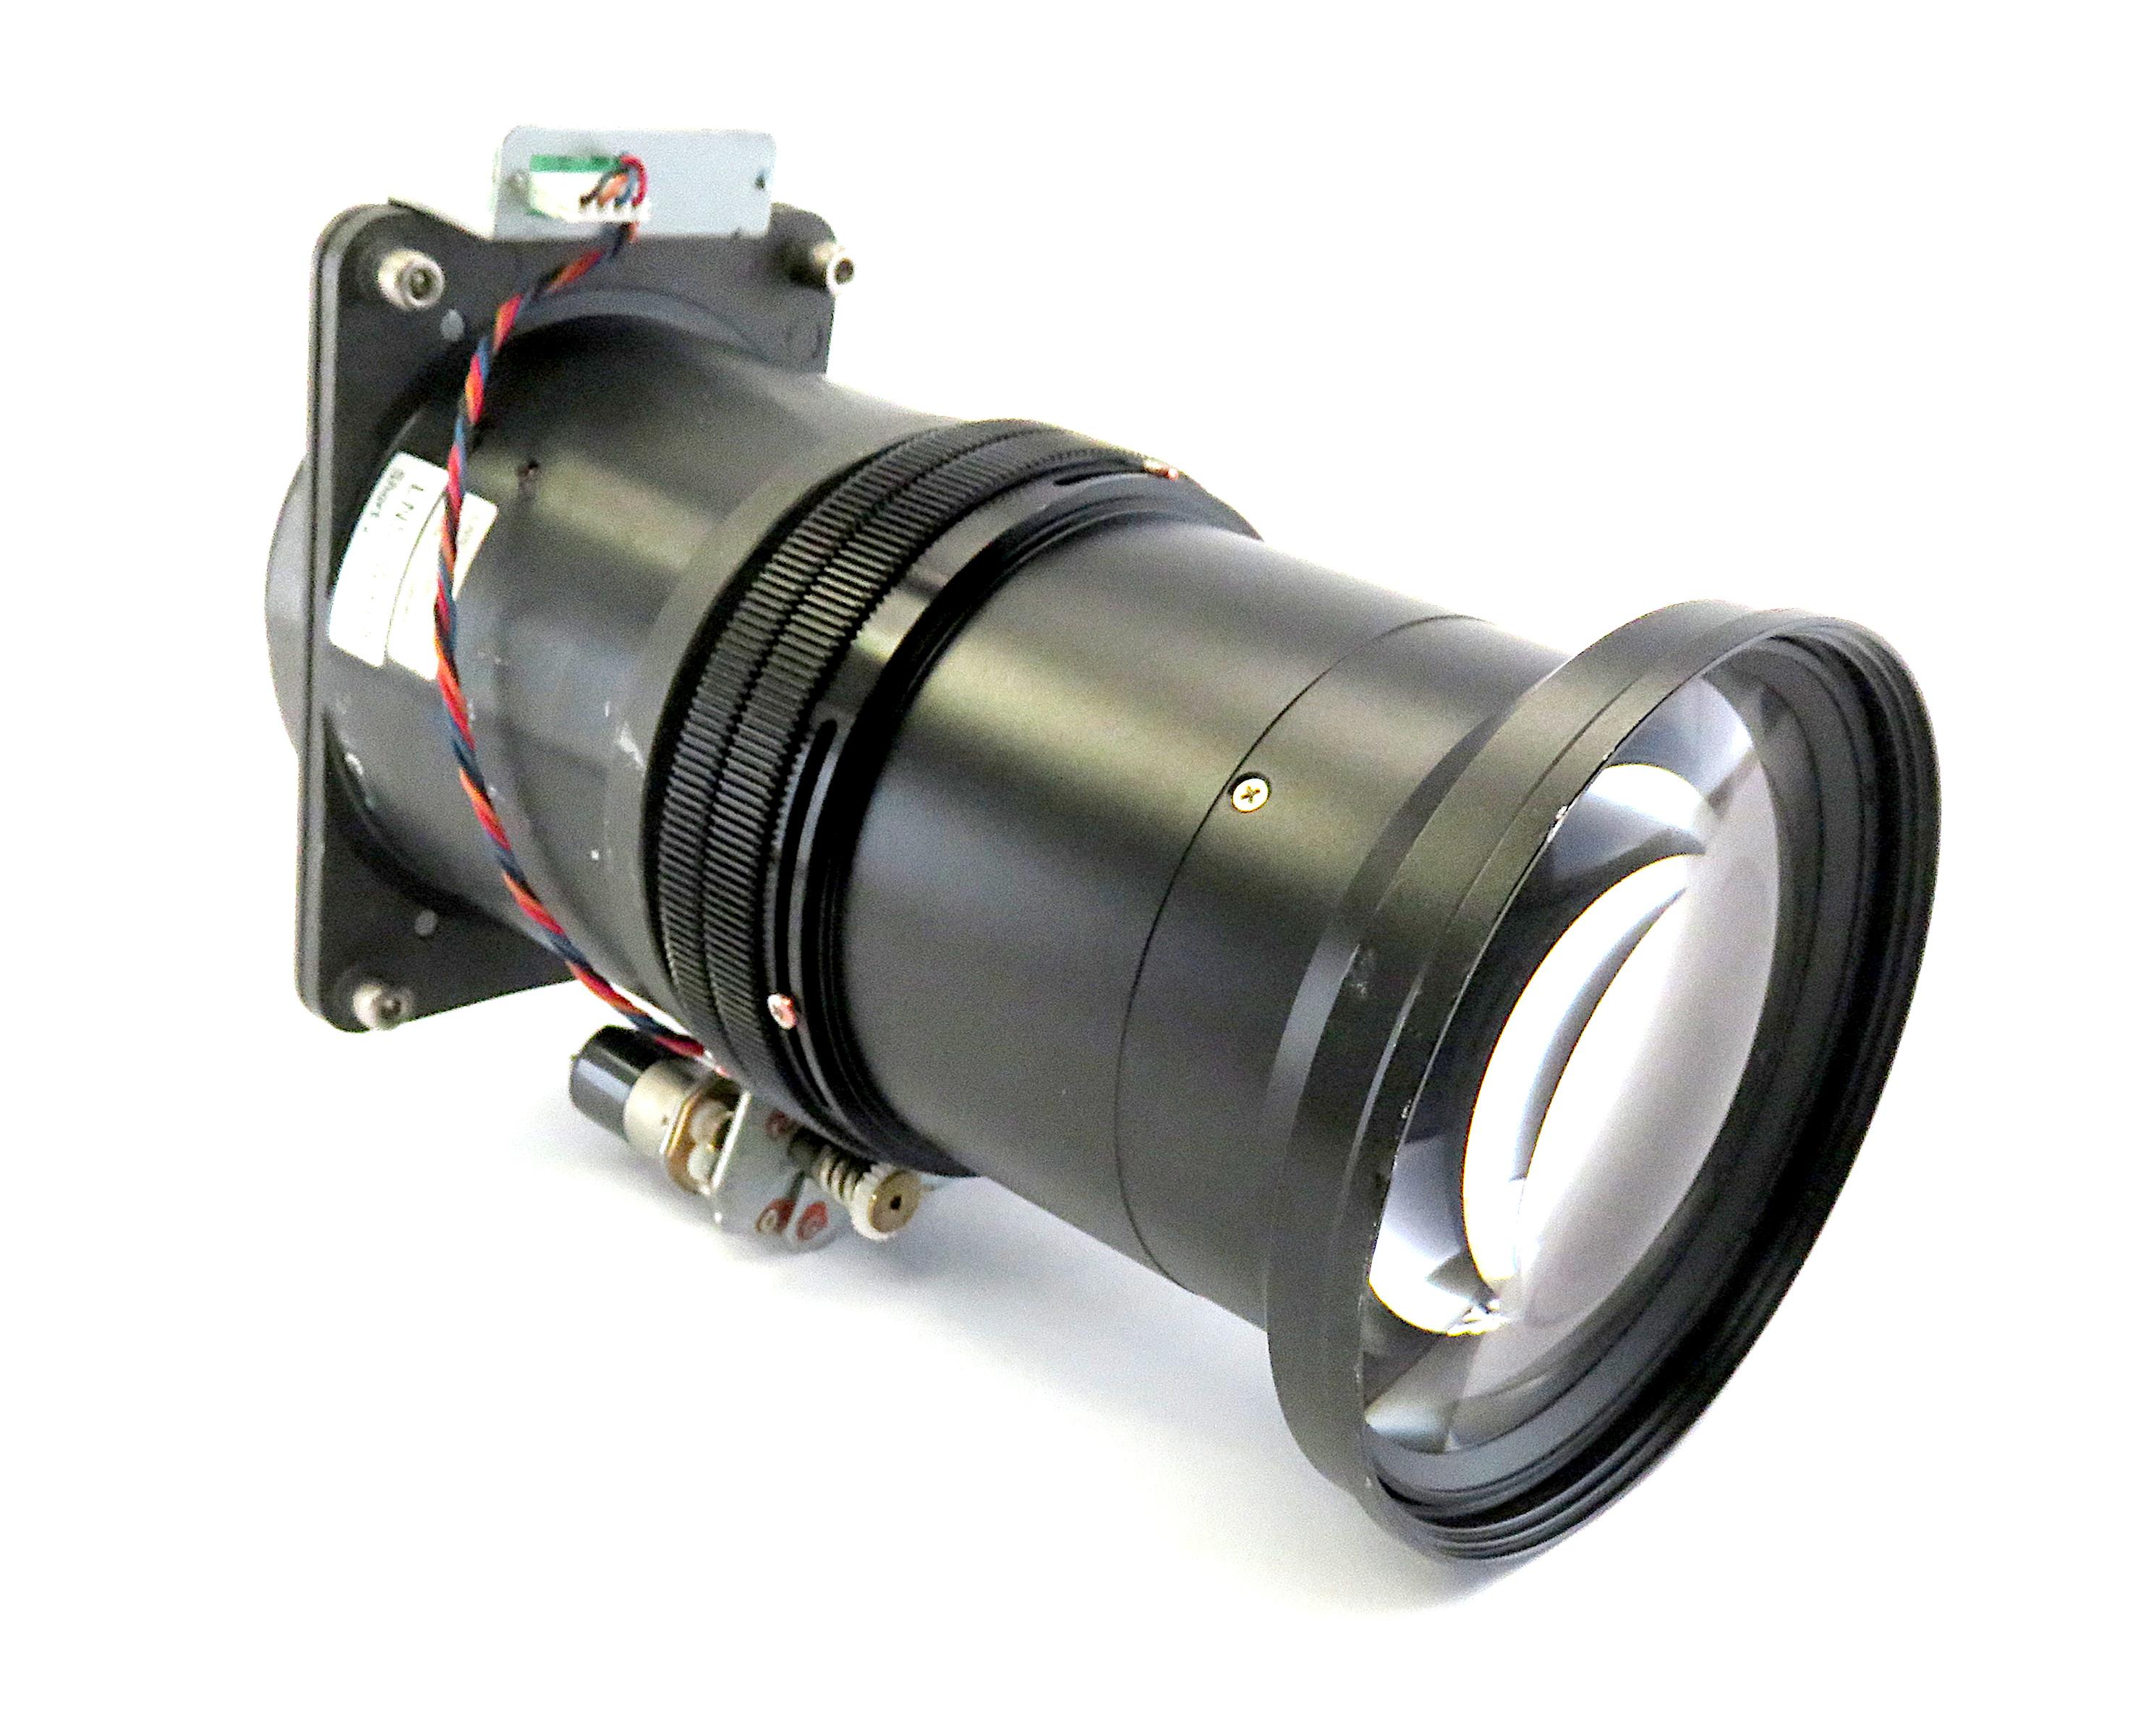 Sanyo LNS-W31A Projector Wide Zoom Lens for PLC-XP100L/XP200L, PLV-80L